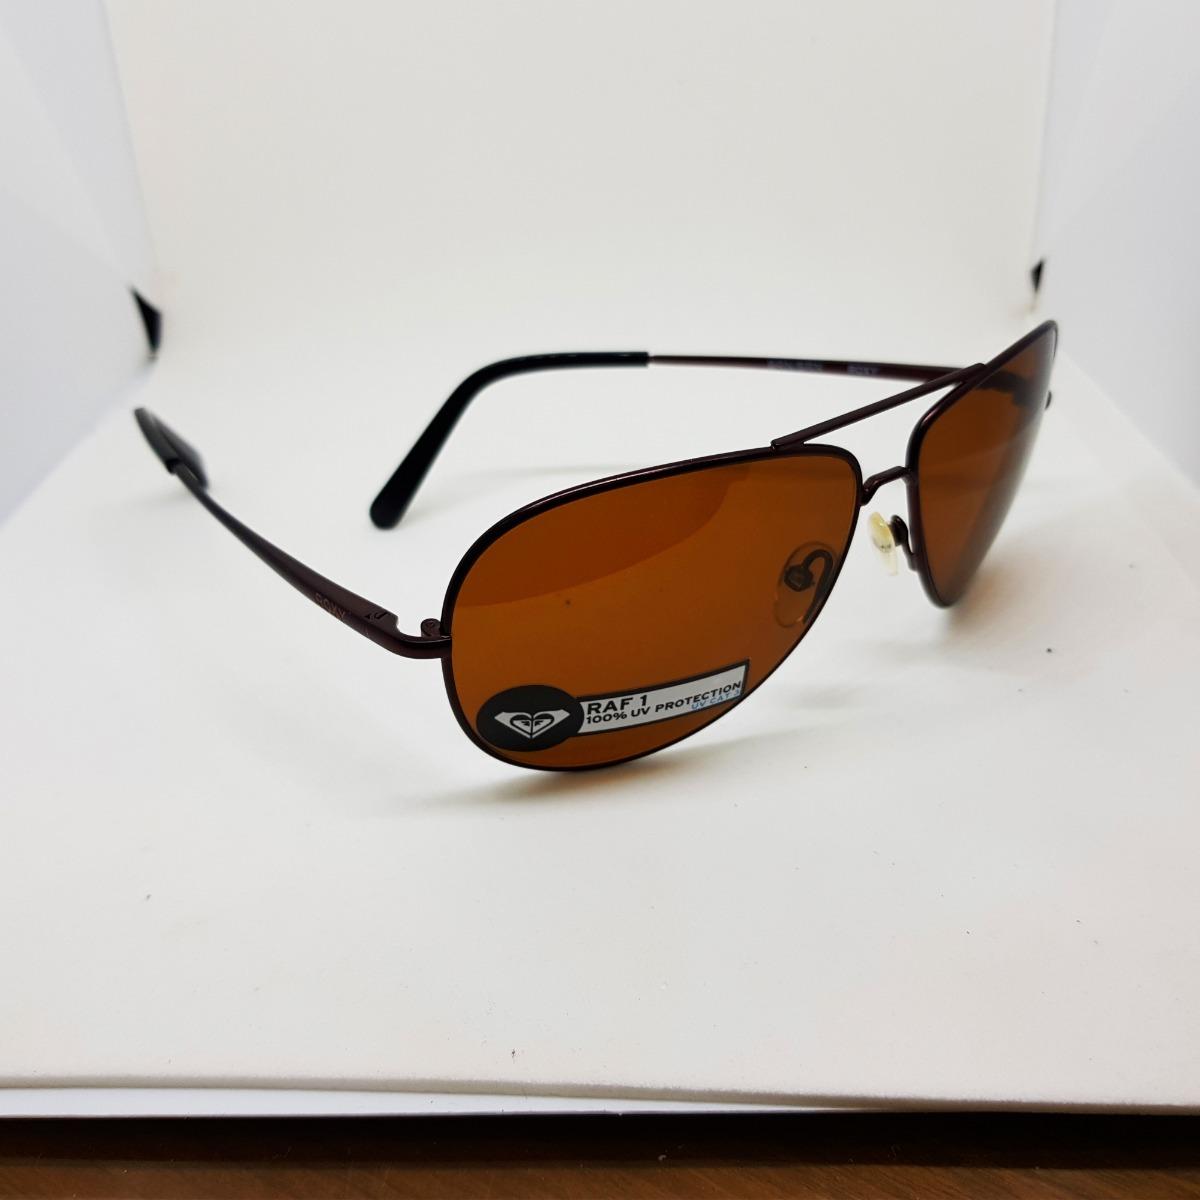 Óculos De Sol Roxy Raf 1 - R  185,00 em Mercado Livre 4f1ce0f6f5